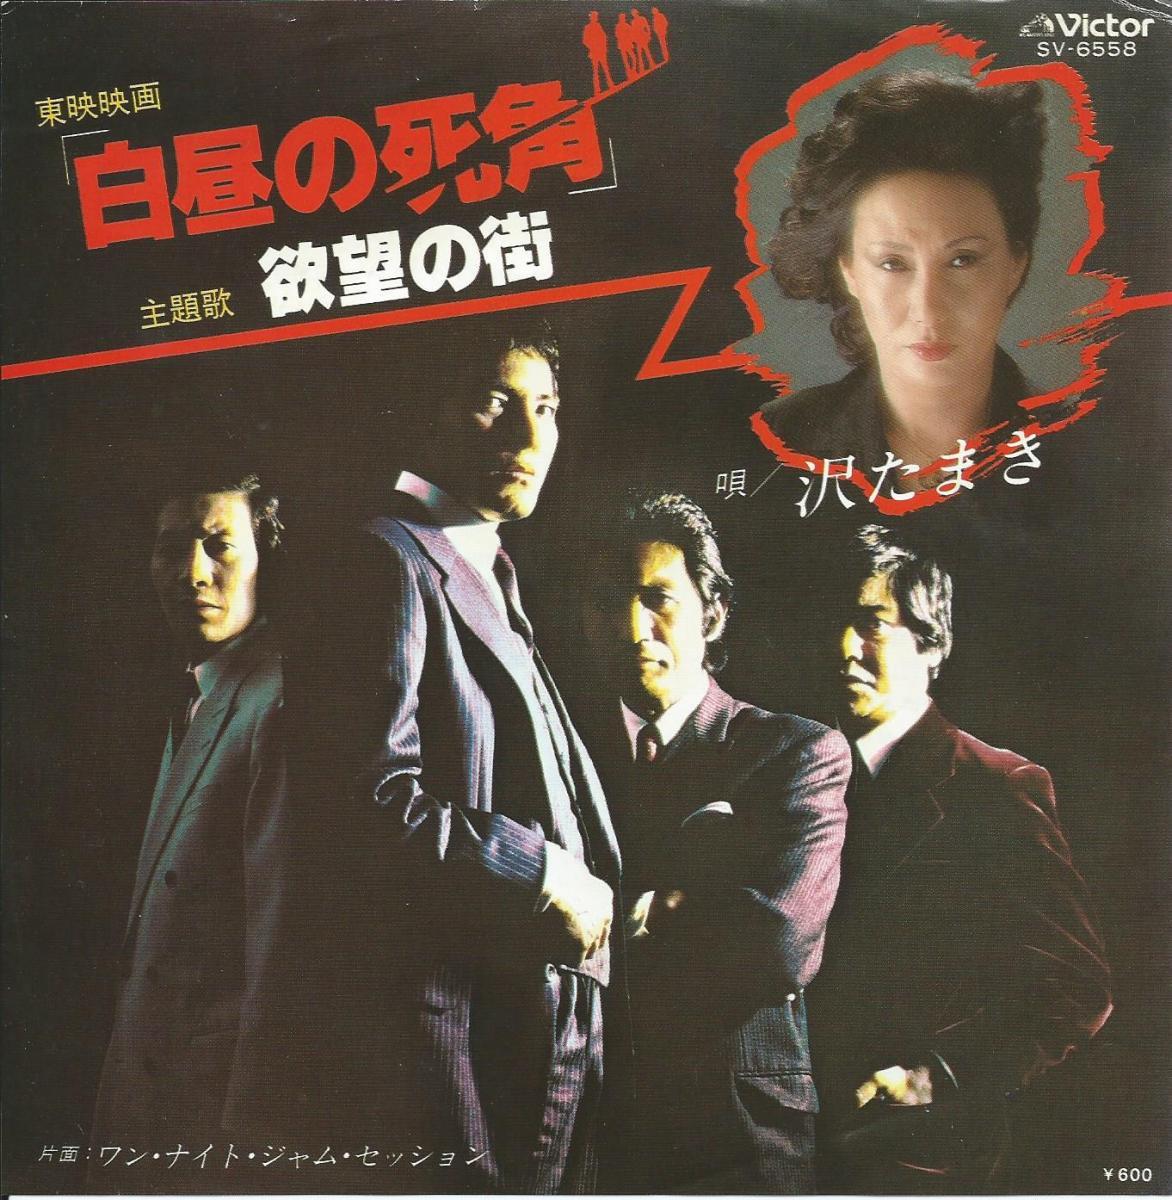 沢たまき (前田憲男) / 欲望の街 (白昼の死角主題歌) / ワン・ナイト・ジャム・セッション (7